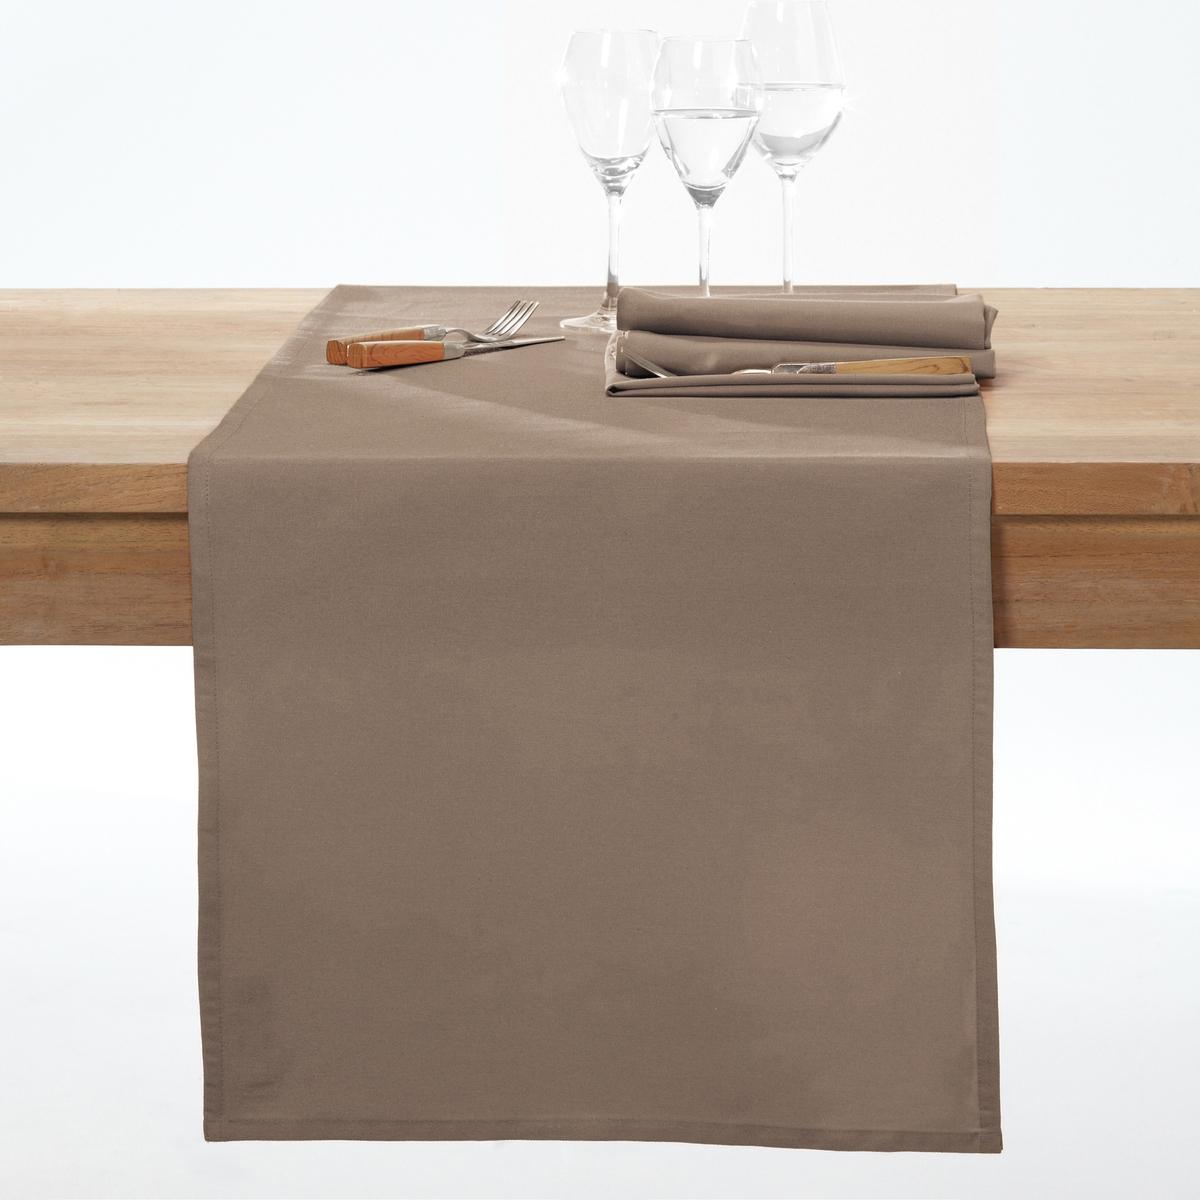 Кухонные принадлежности от LaRedoute